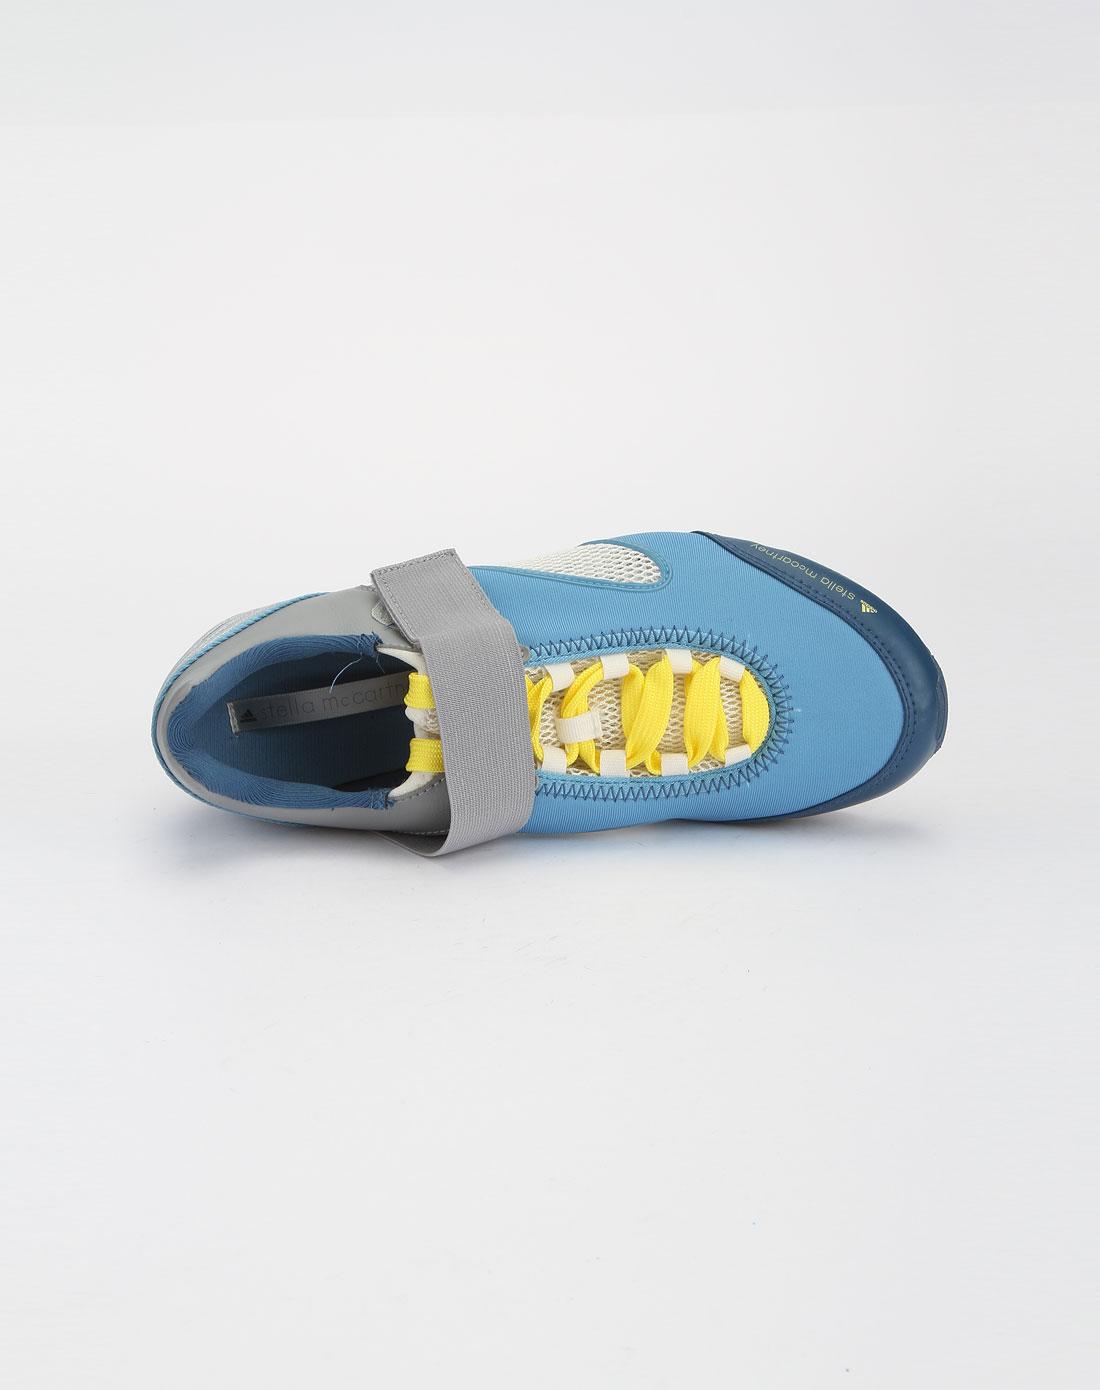 男女 阿迪达斯/阿迪达斯adidas男女鞋浅蓝色时尚运动休闲鞋G41768_唯品会